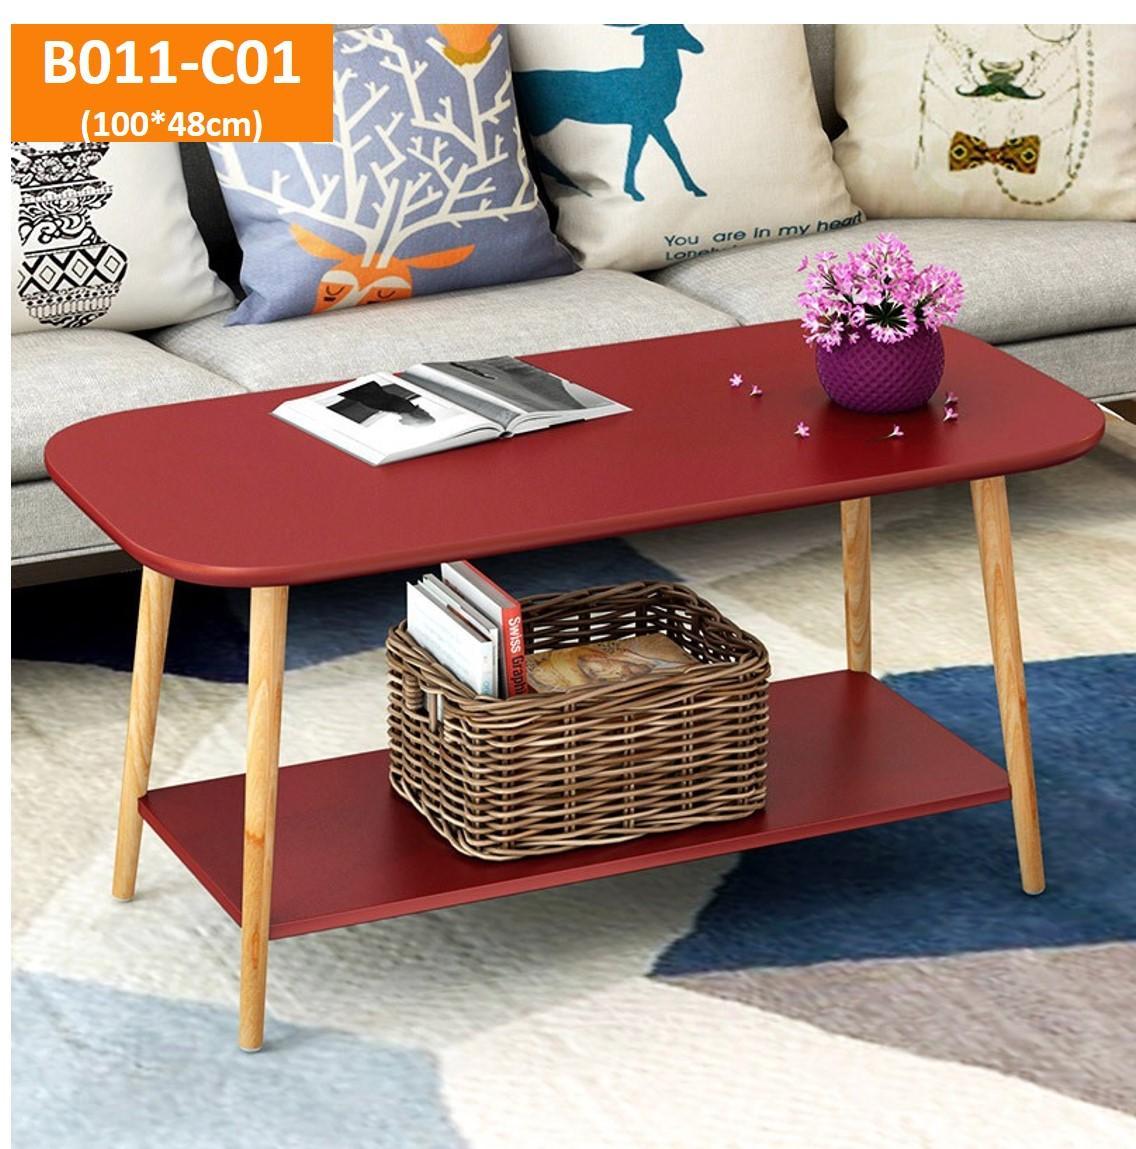 Tea table/ Coffee table / Side table